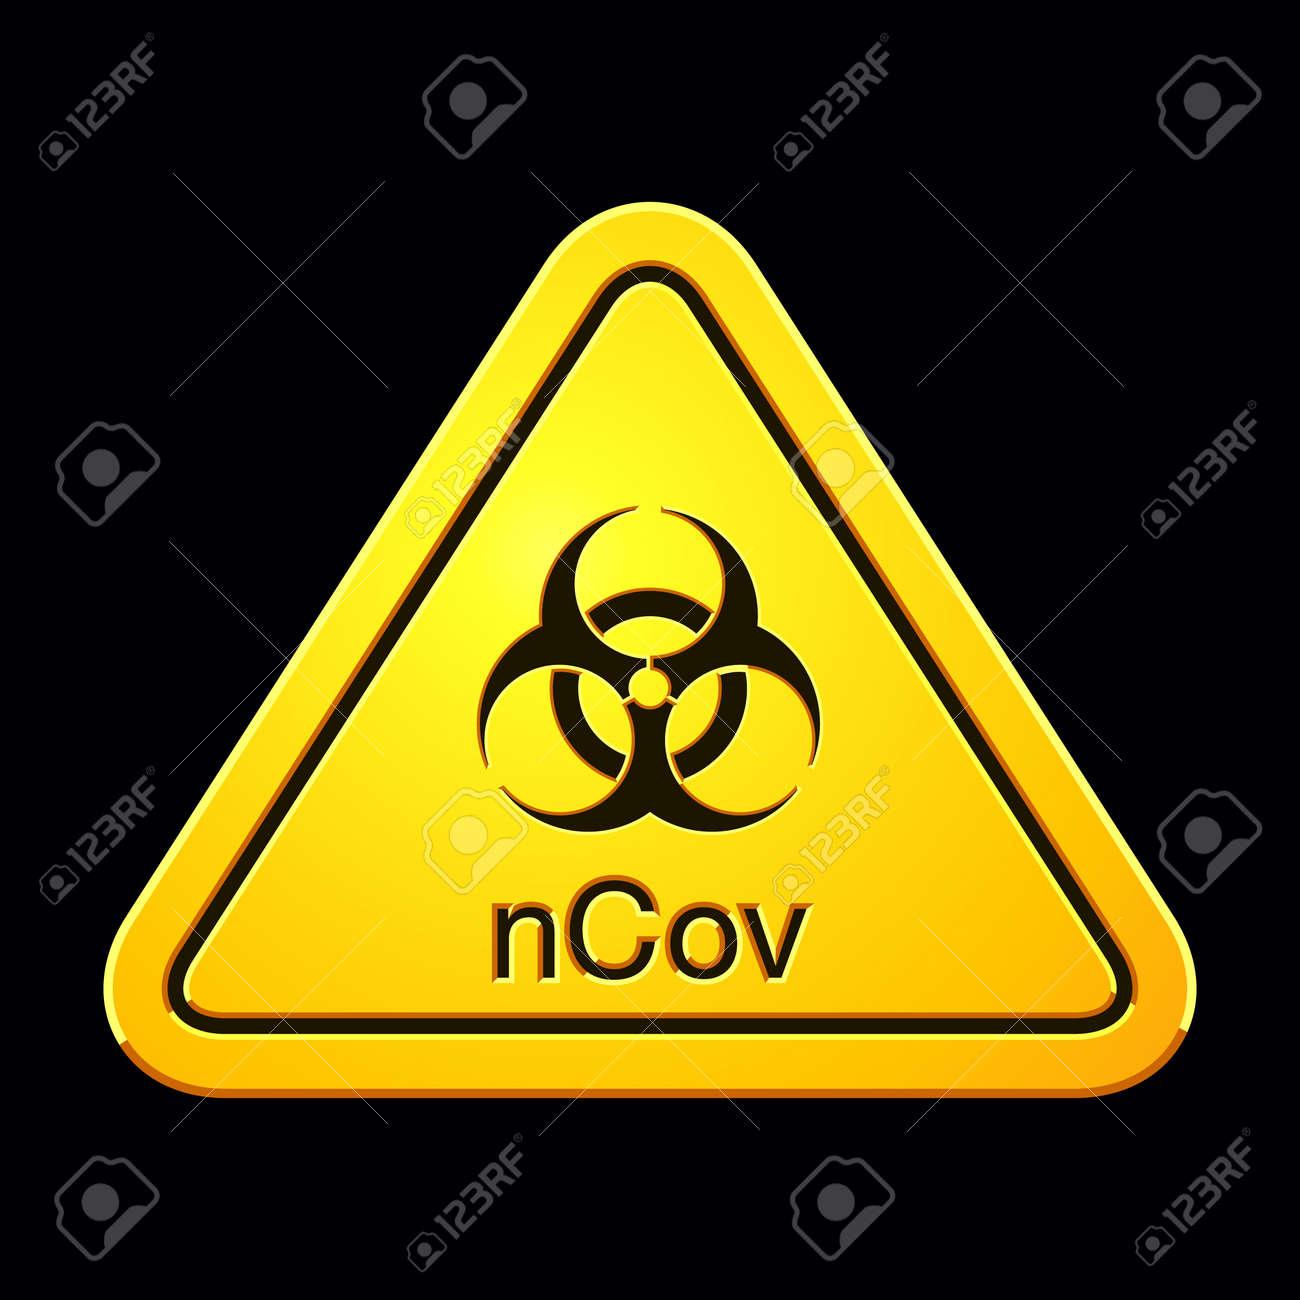 Coronavirus 2019-nCov. Novel Coronavirus Outbreak. Coronavirus Cell. Stop Coronavirus. Pandemic Risk Alert. Vector illustration - 141201334